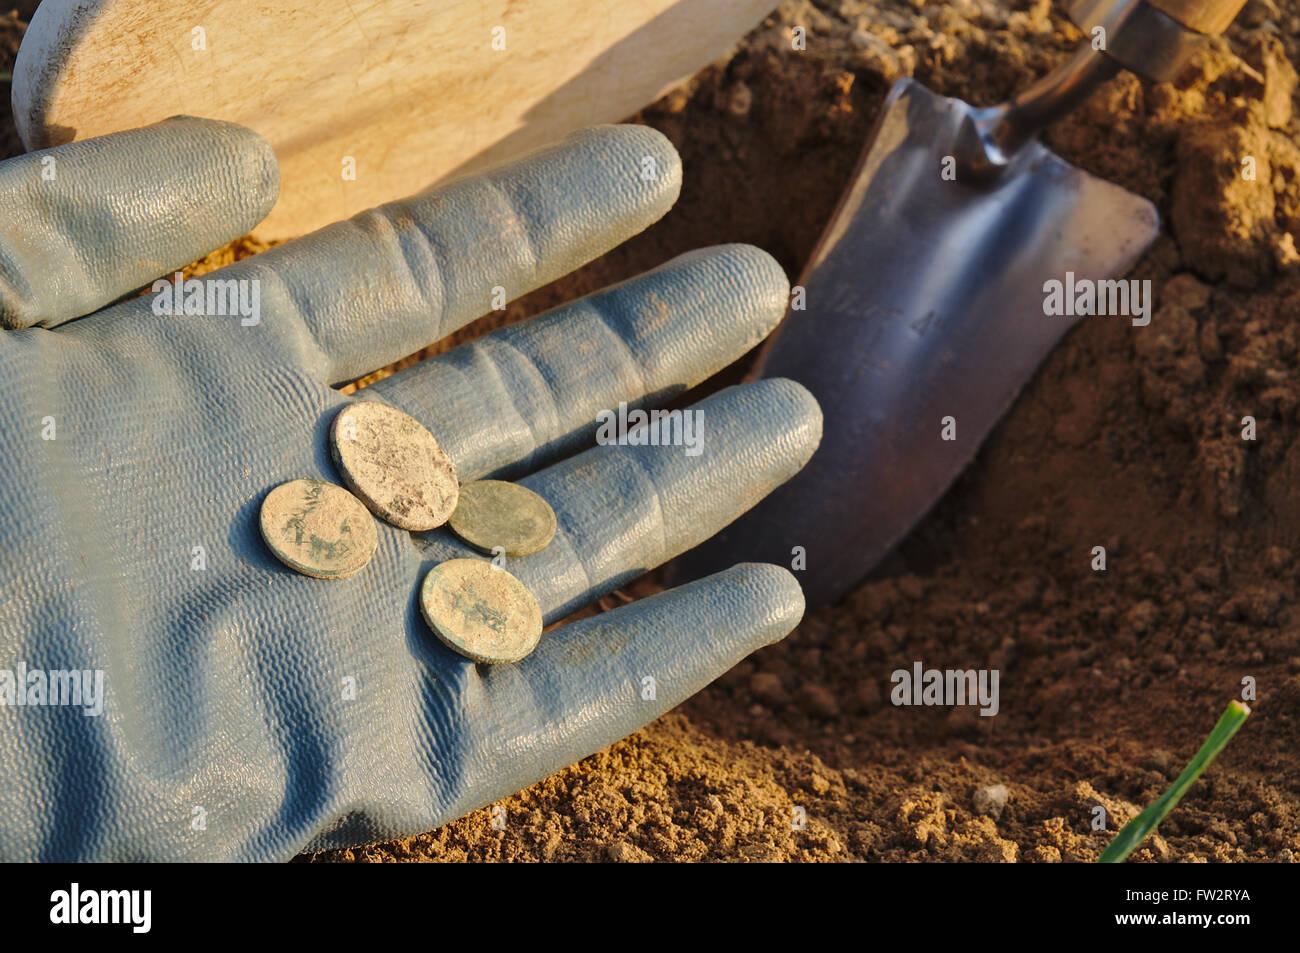 Rilevamento di metallo e la caccia al tesoro  metal detector, spade